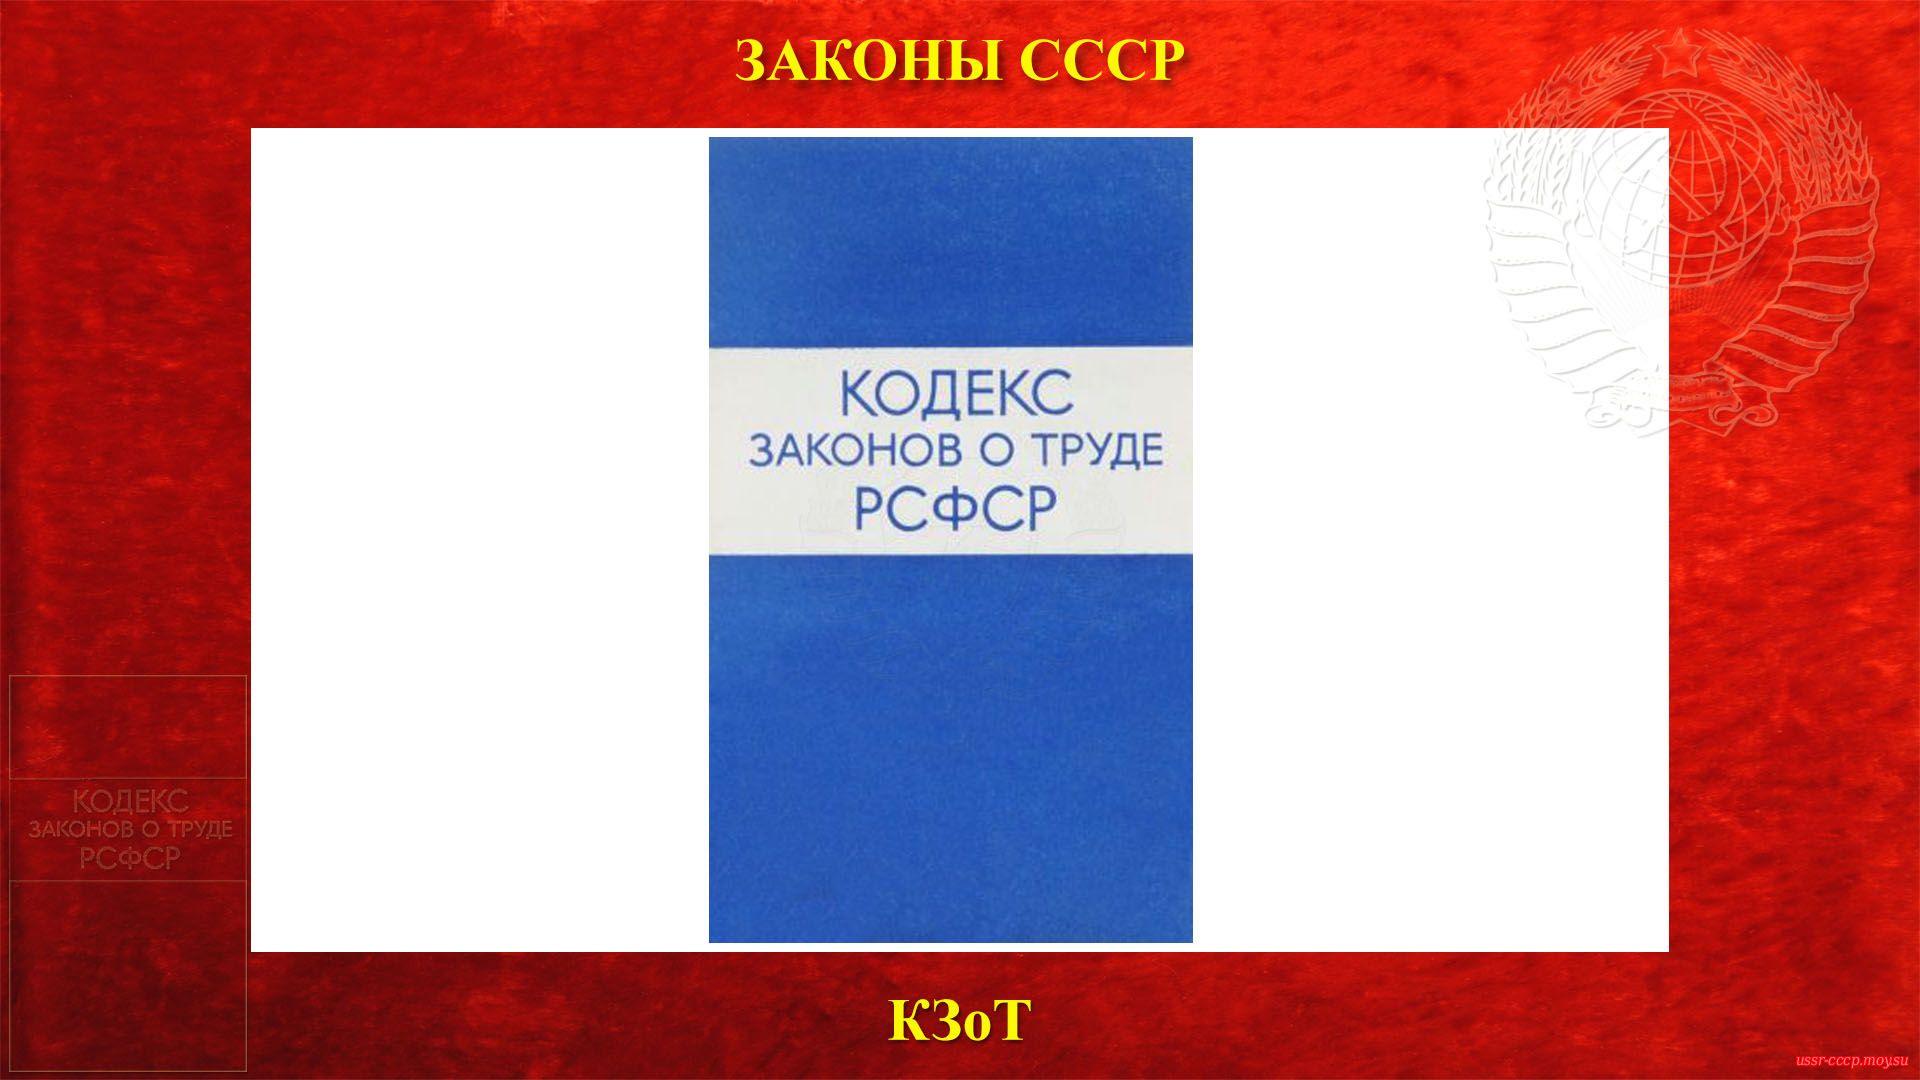 КОДЕКС ЗАКОНОВ О ТРУДЕ (КЗоТ) РСФСР